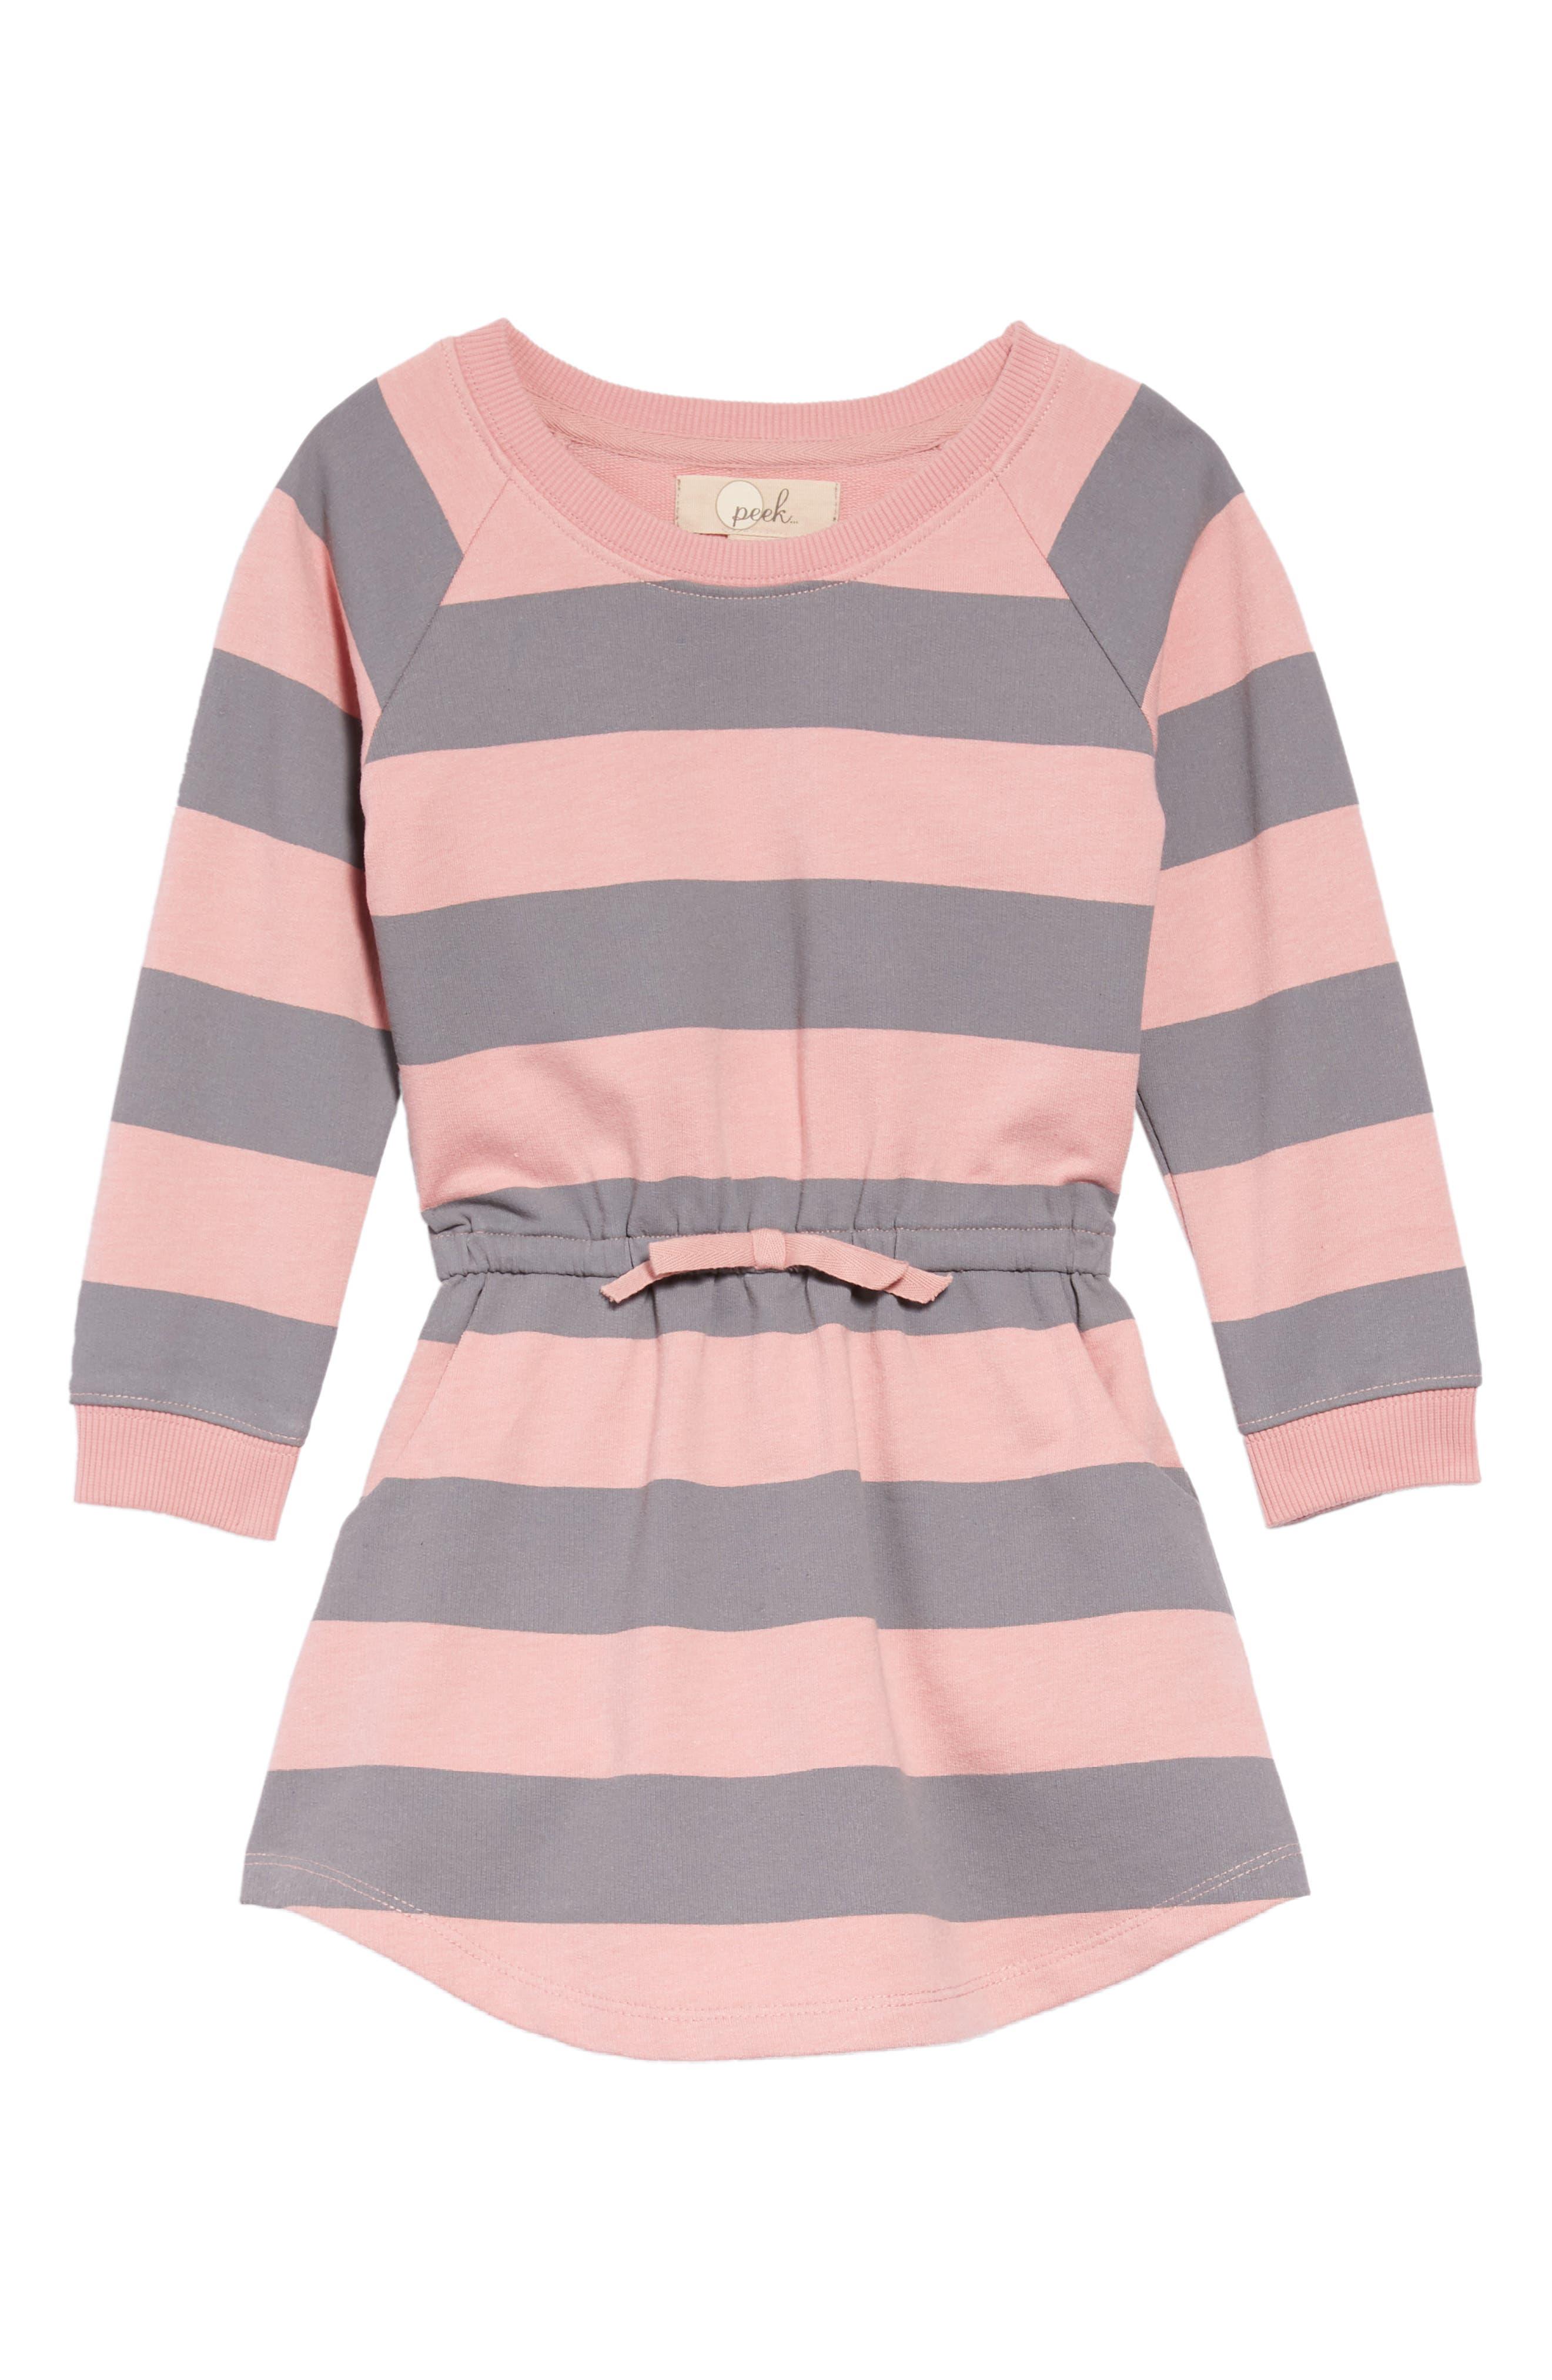 Ruby Sweatshirt Dress,                             Main thumbnail 1, color,                             PINK